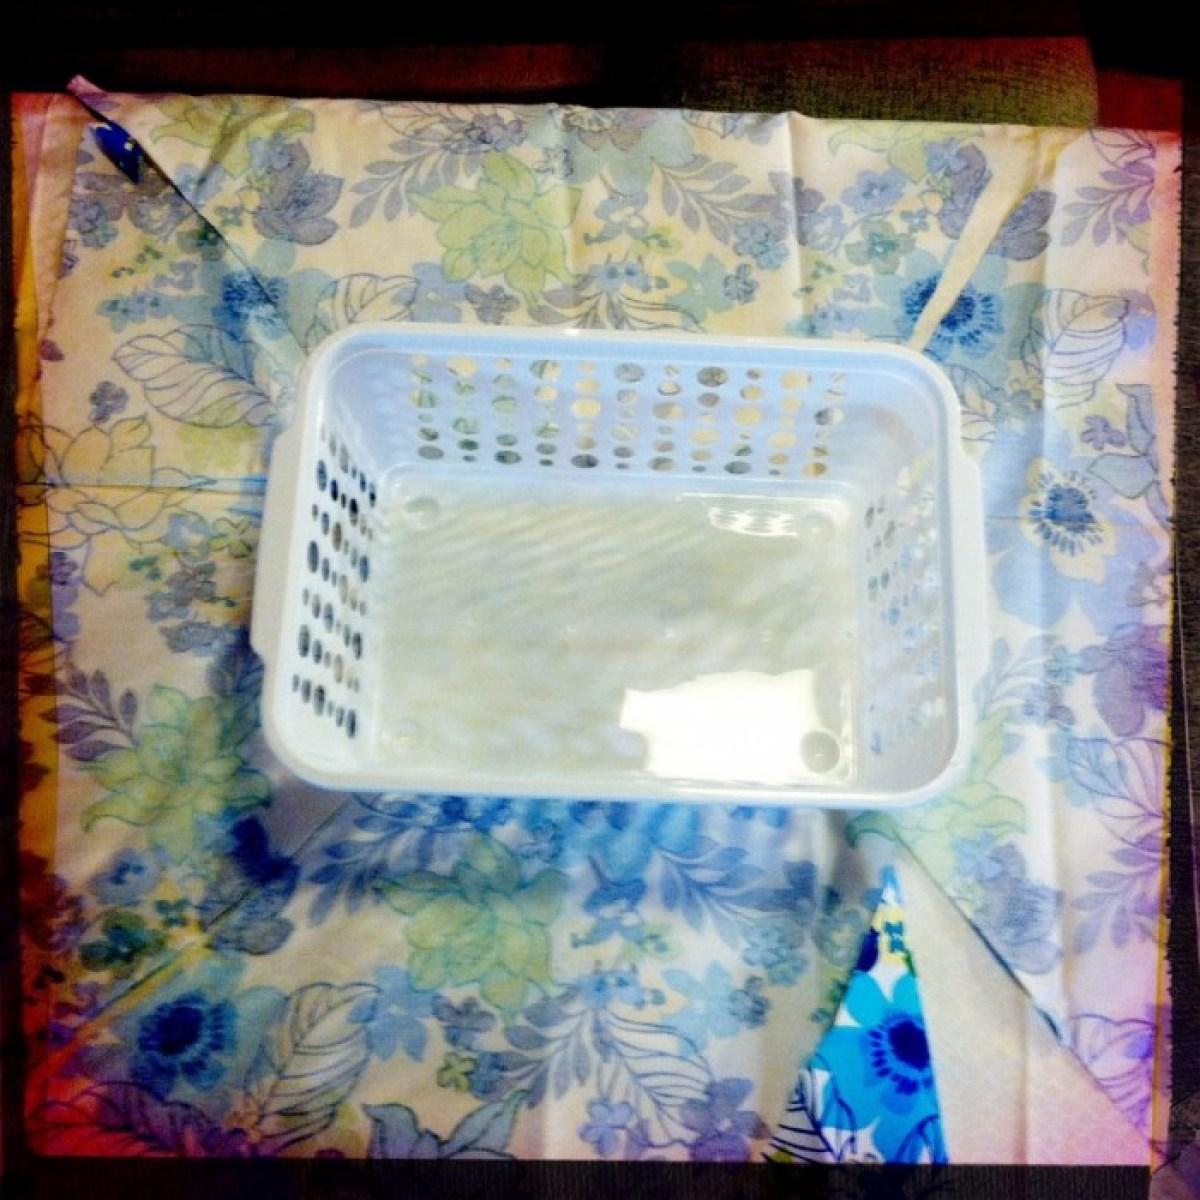 IMG 4044 1 DIY แปลงโฉมตะกร้าพลาสติก เป็นตะกร้าผ้าสุดสวย